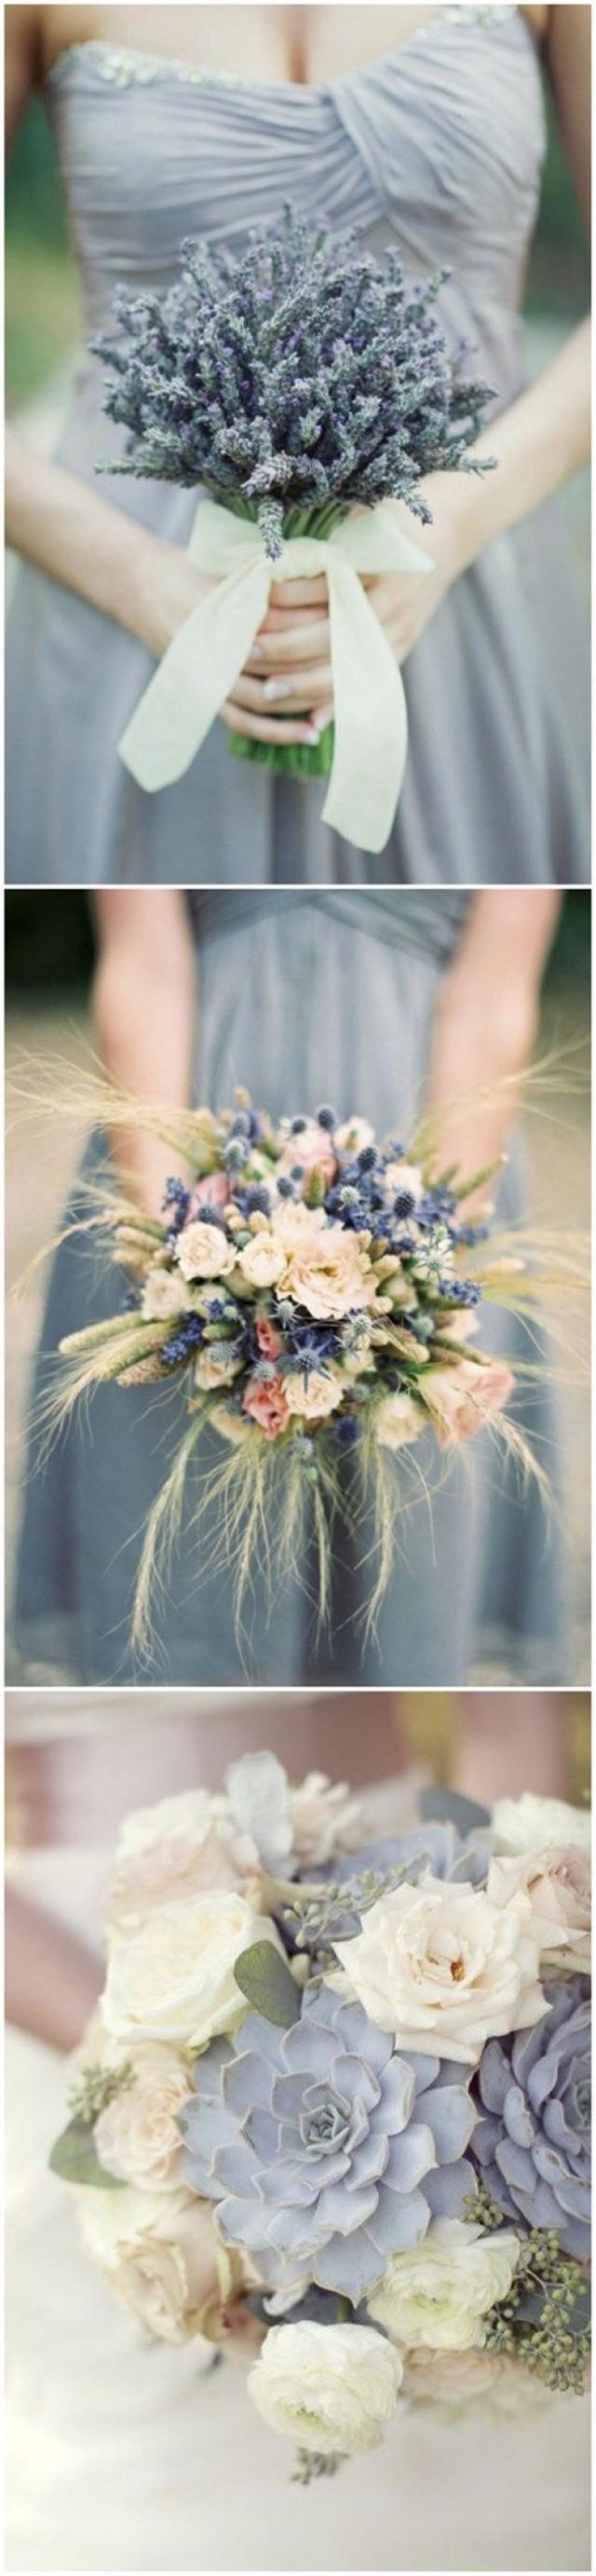 f4e1eb82e66f 23 Slate And Dusty Blue Wedding Ideas